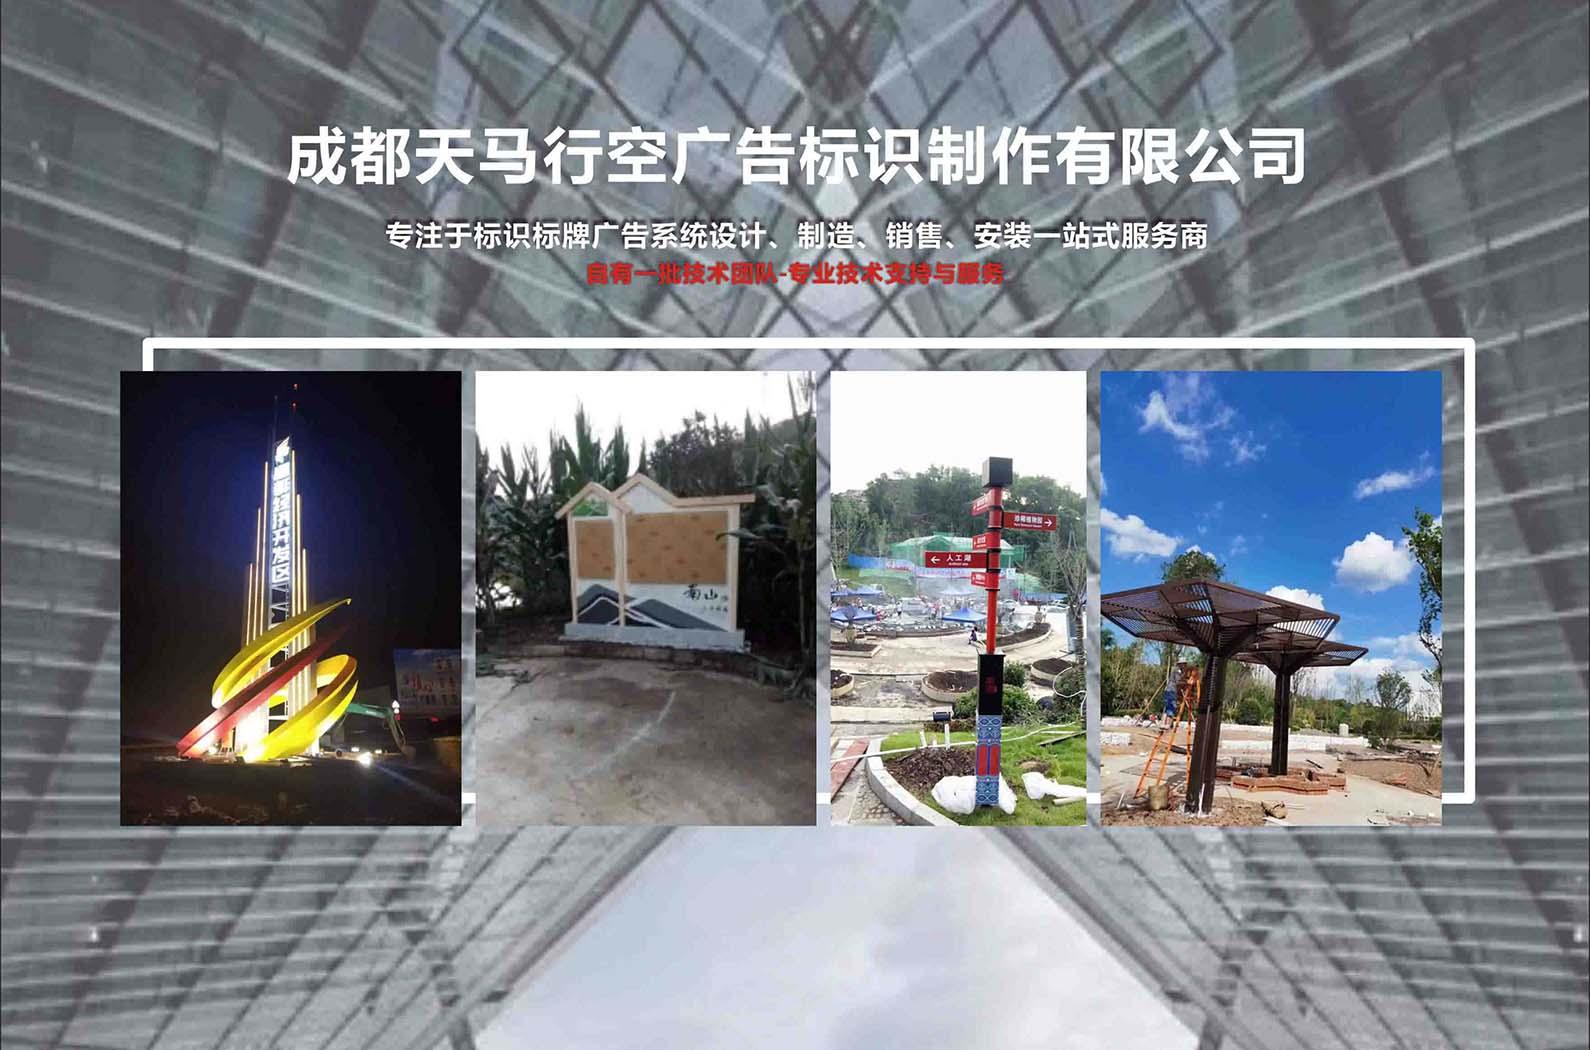 四川成都宣传栏生产厂家